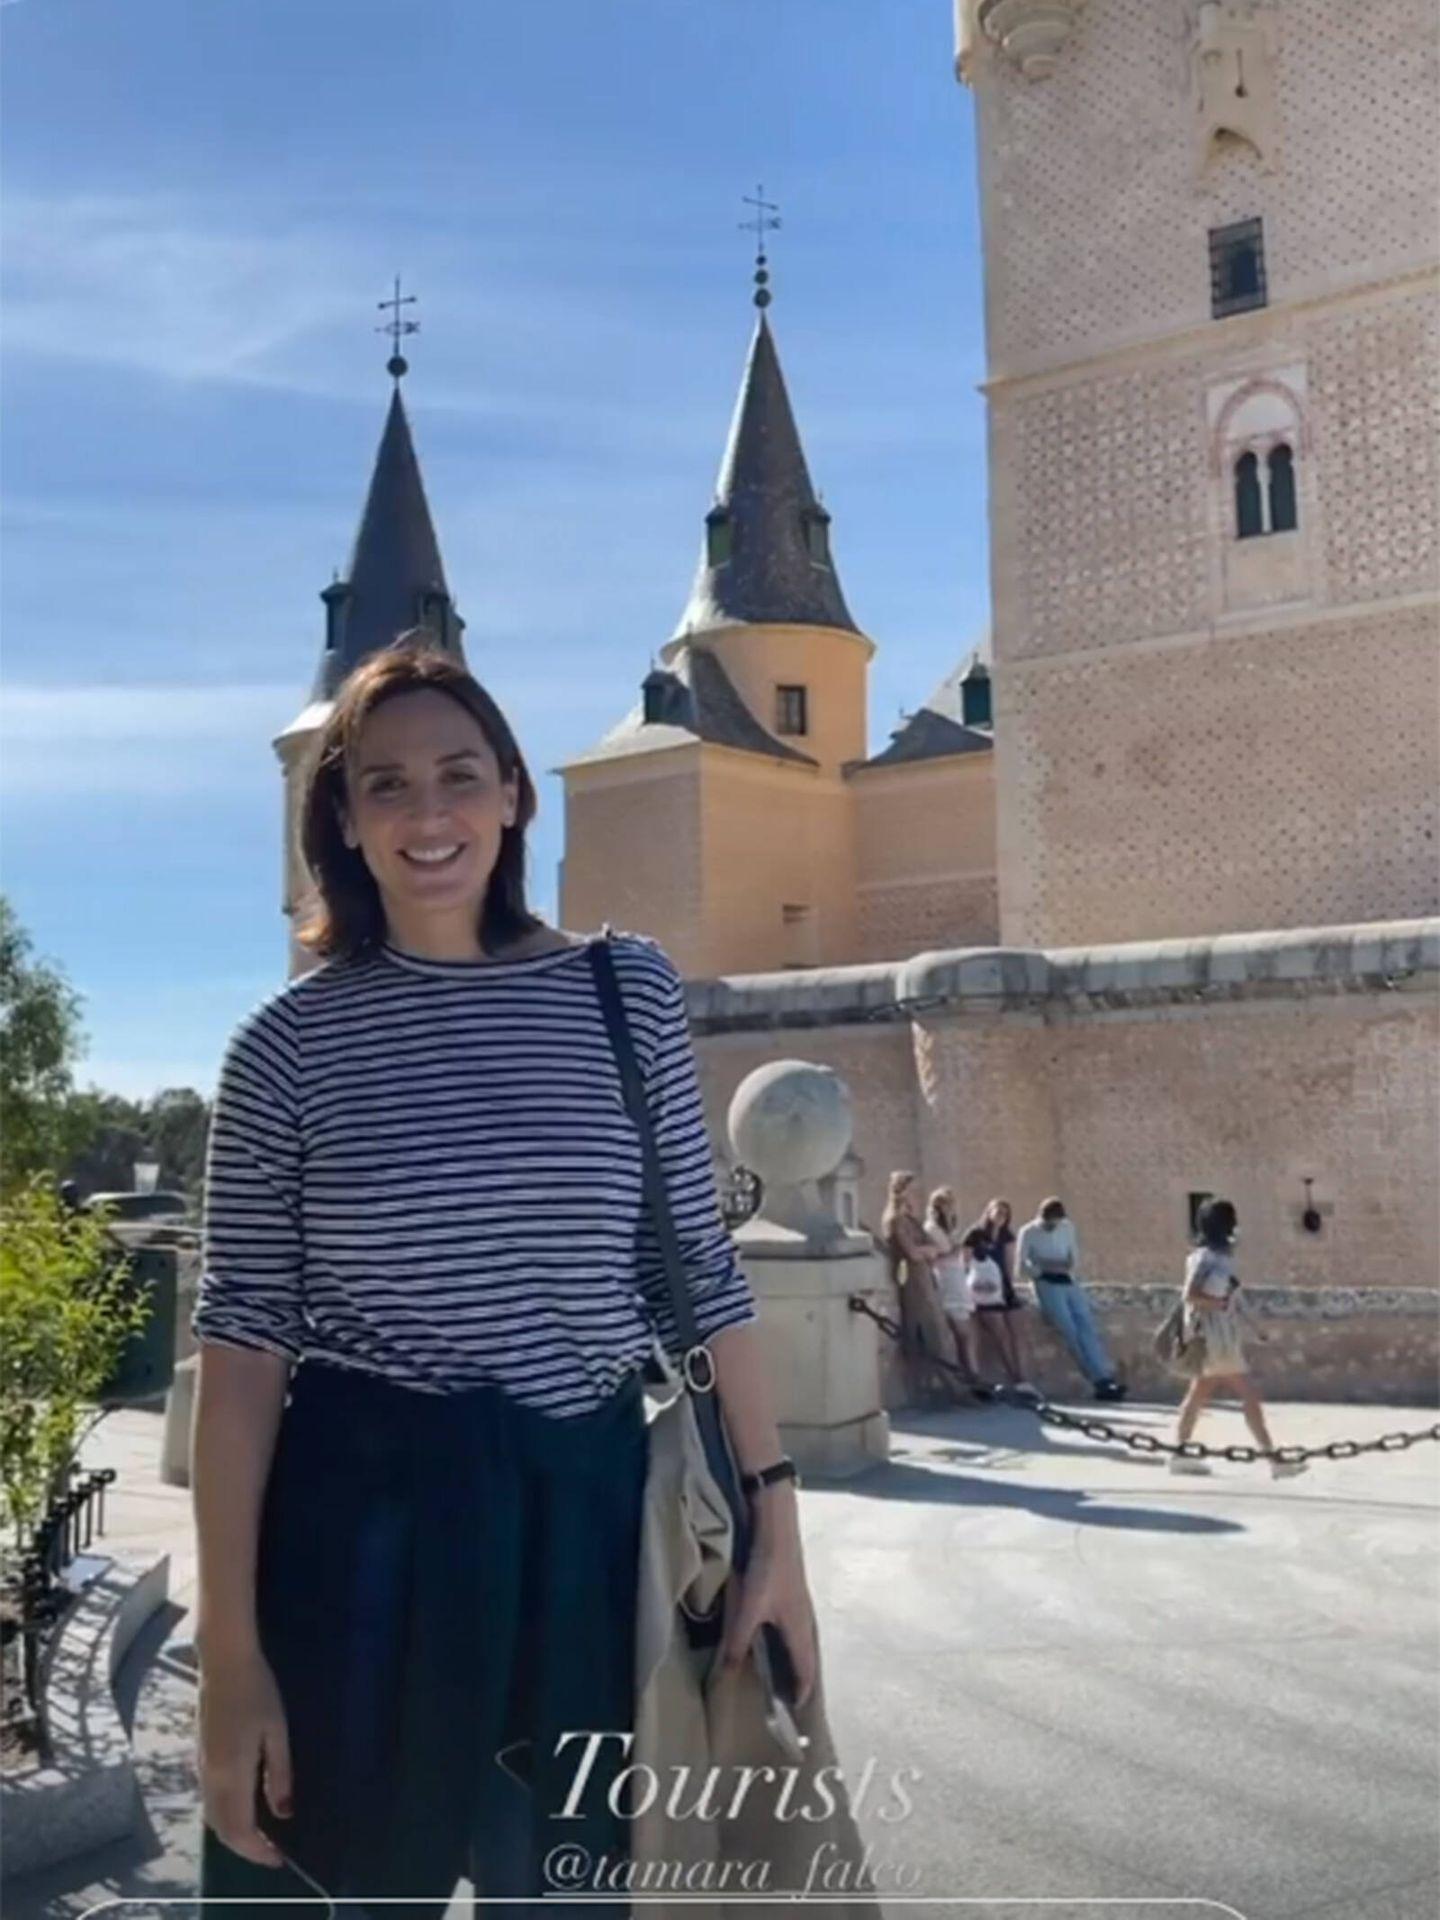 Tamara Falcó e Iñigo Onieva han disfrutado de un viaje en pareja a Segovia. (Instagram @tamara_falco)